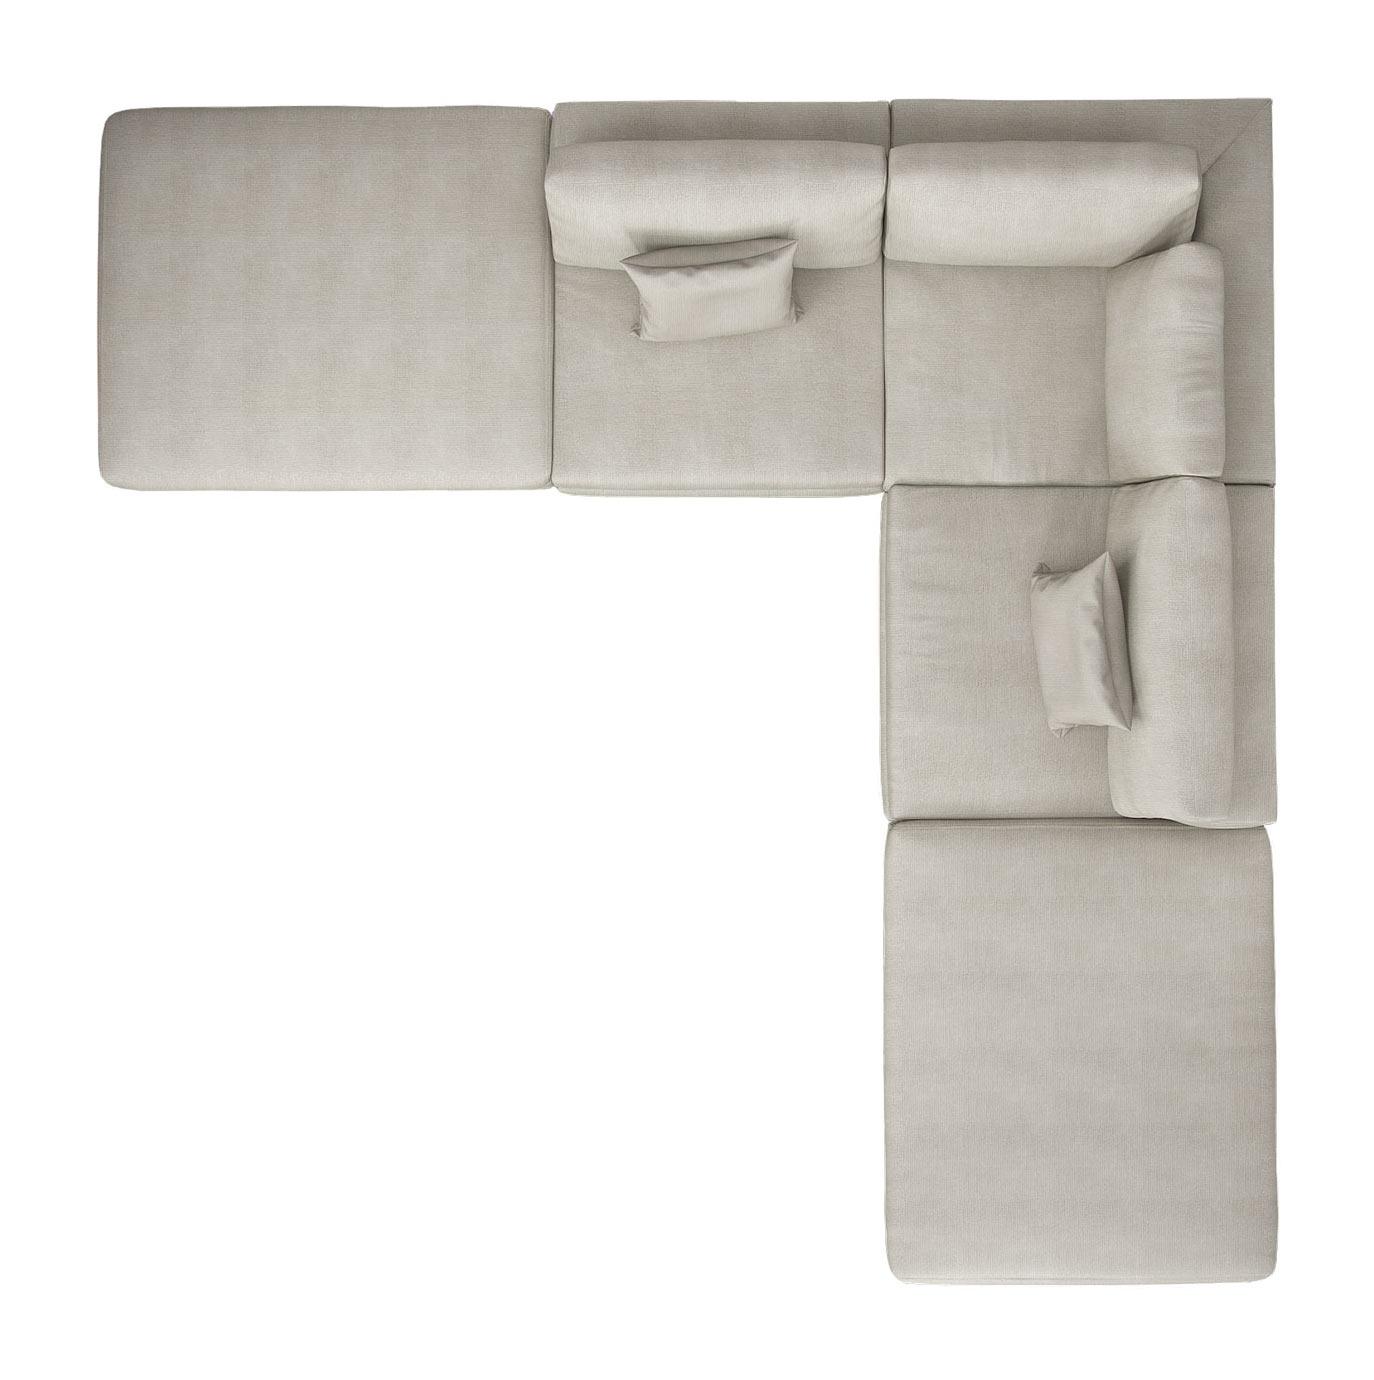 perry armless corner sectional sofa moonbeam by modloft -